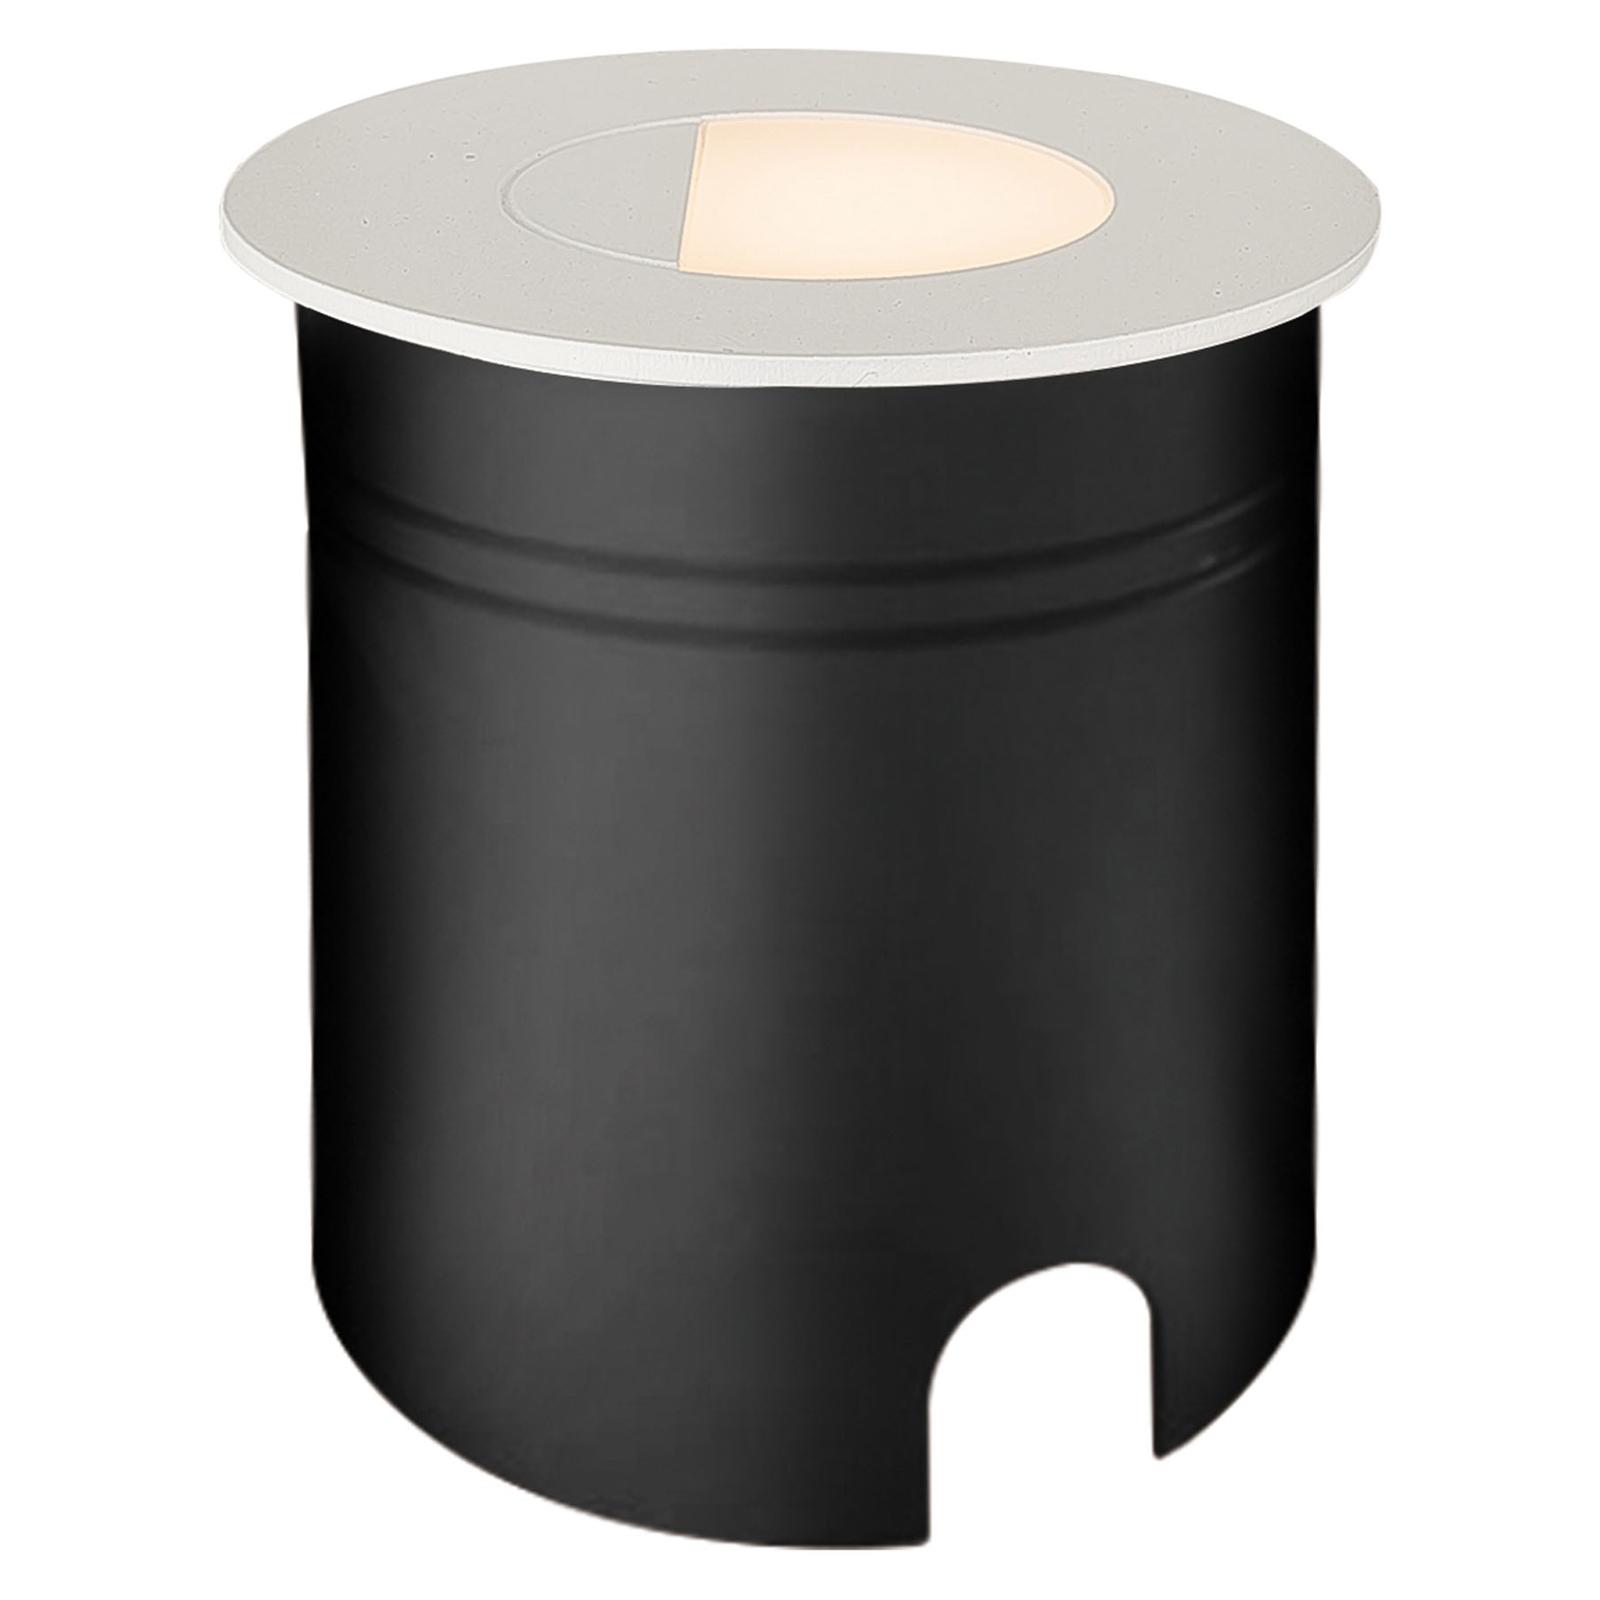 LED-Einbauleuchte Aspen mit Diffusor, rund, weiß